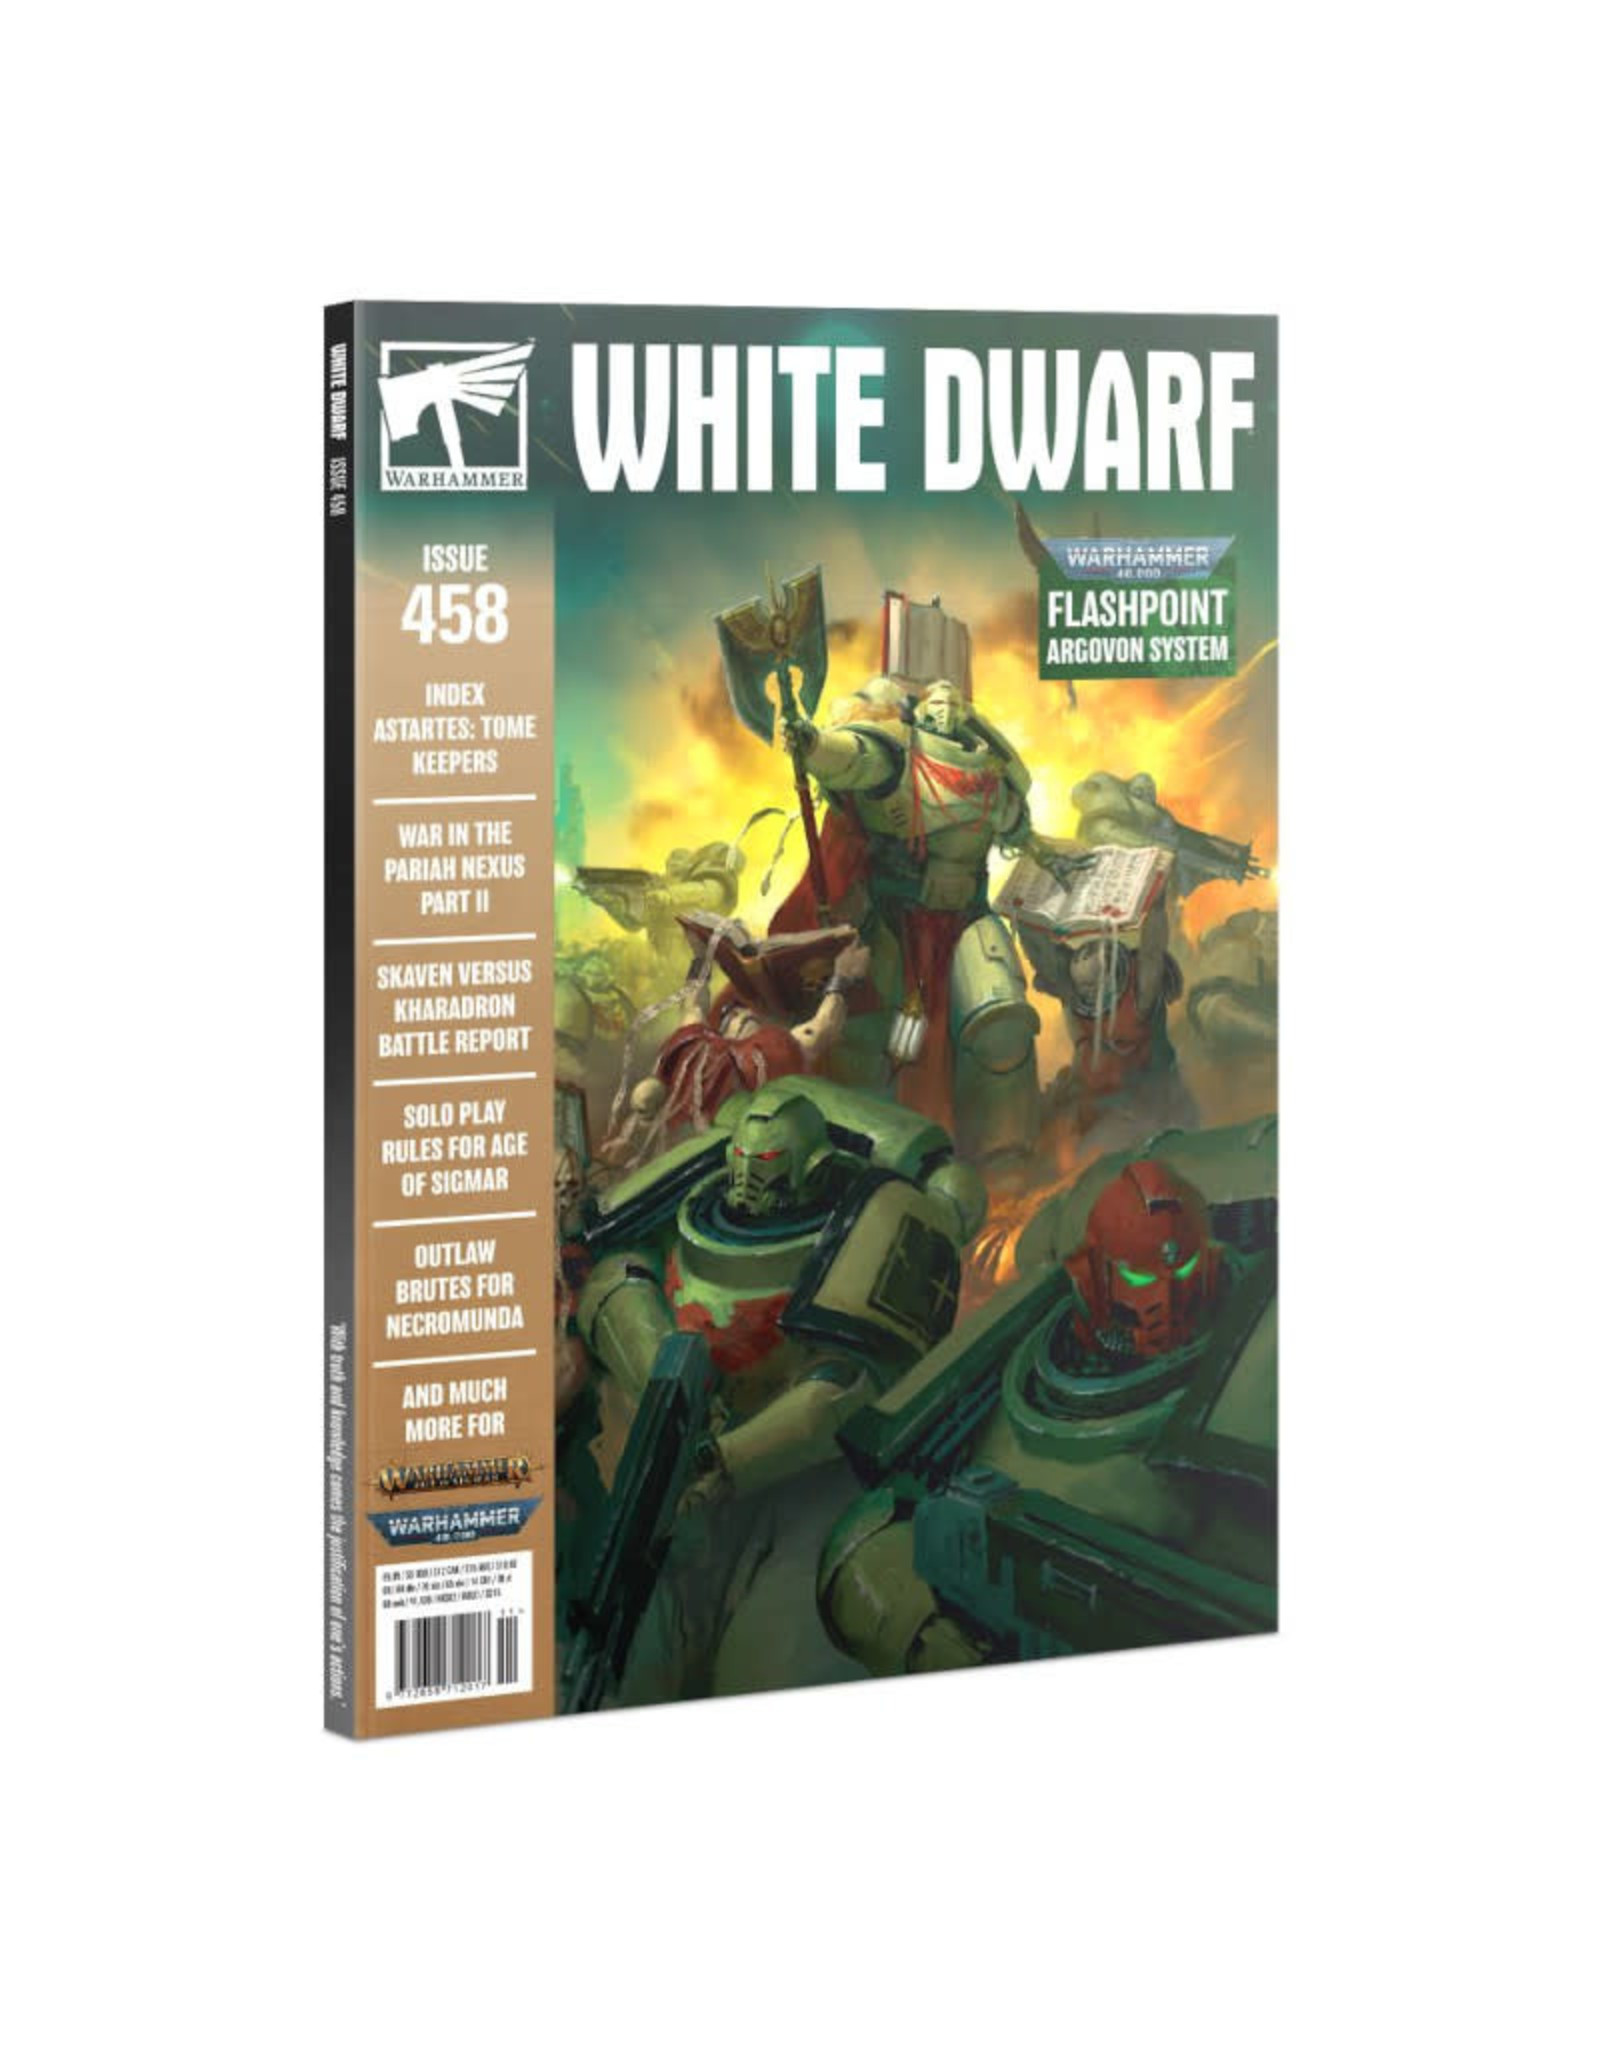 Games Workshop White Dwarf Monthly Issue 458 Nov 2020